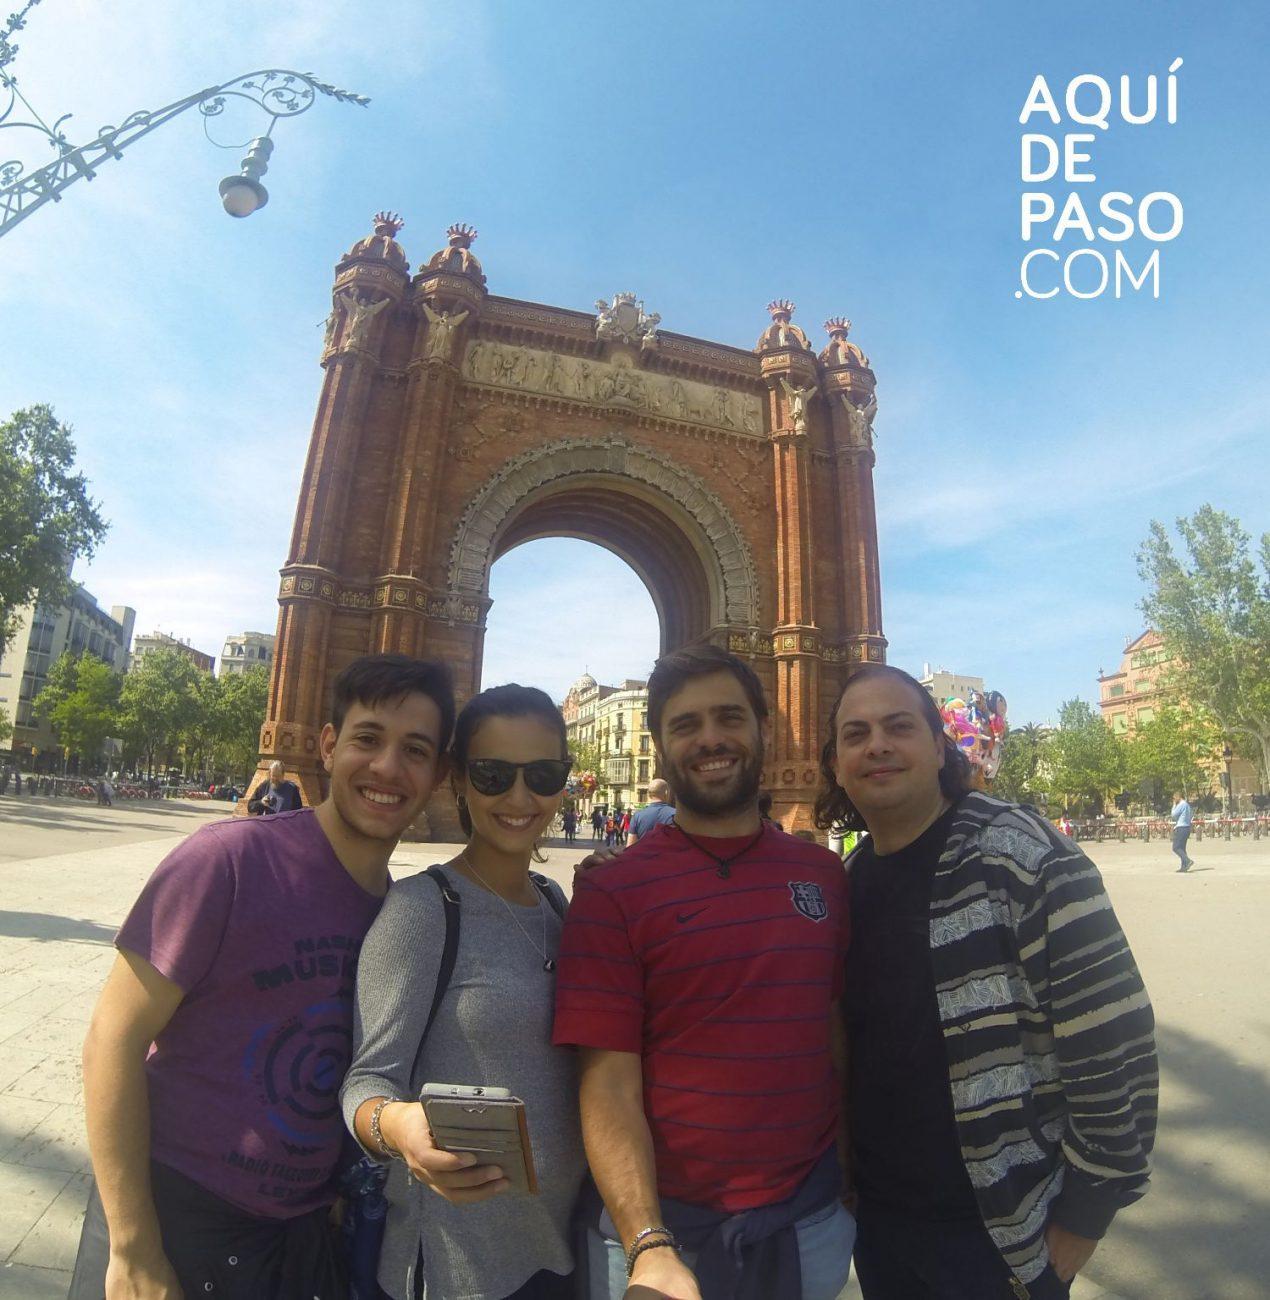 Arco de triunfo - Aquidepaso. com